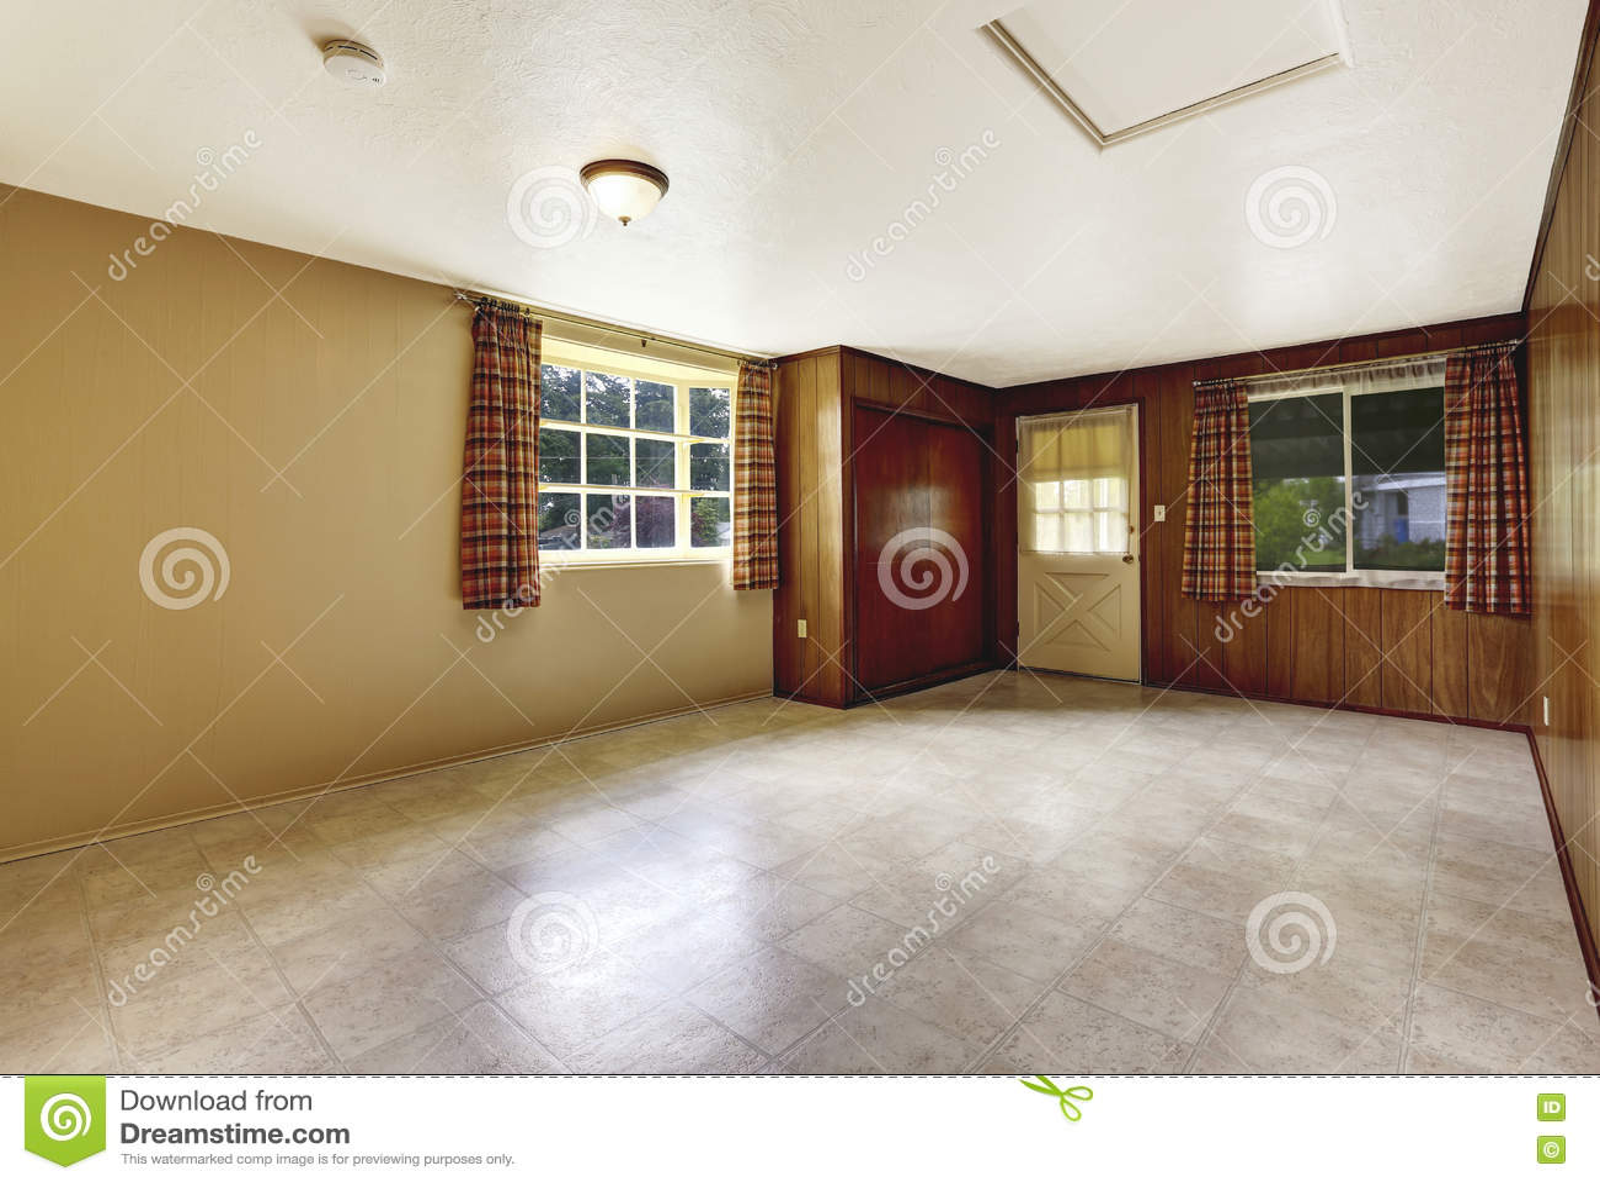 Svuoti lingresso spazioso con la parete e la pavimentazione in